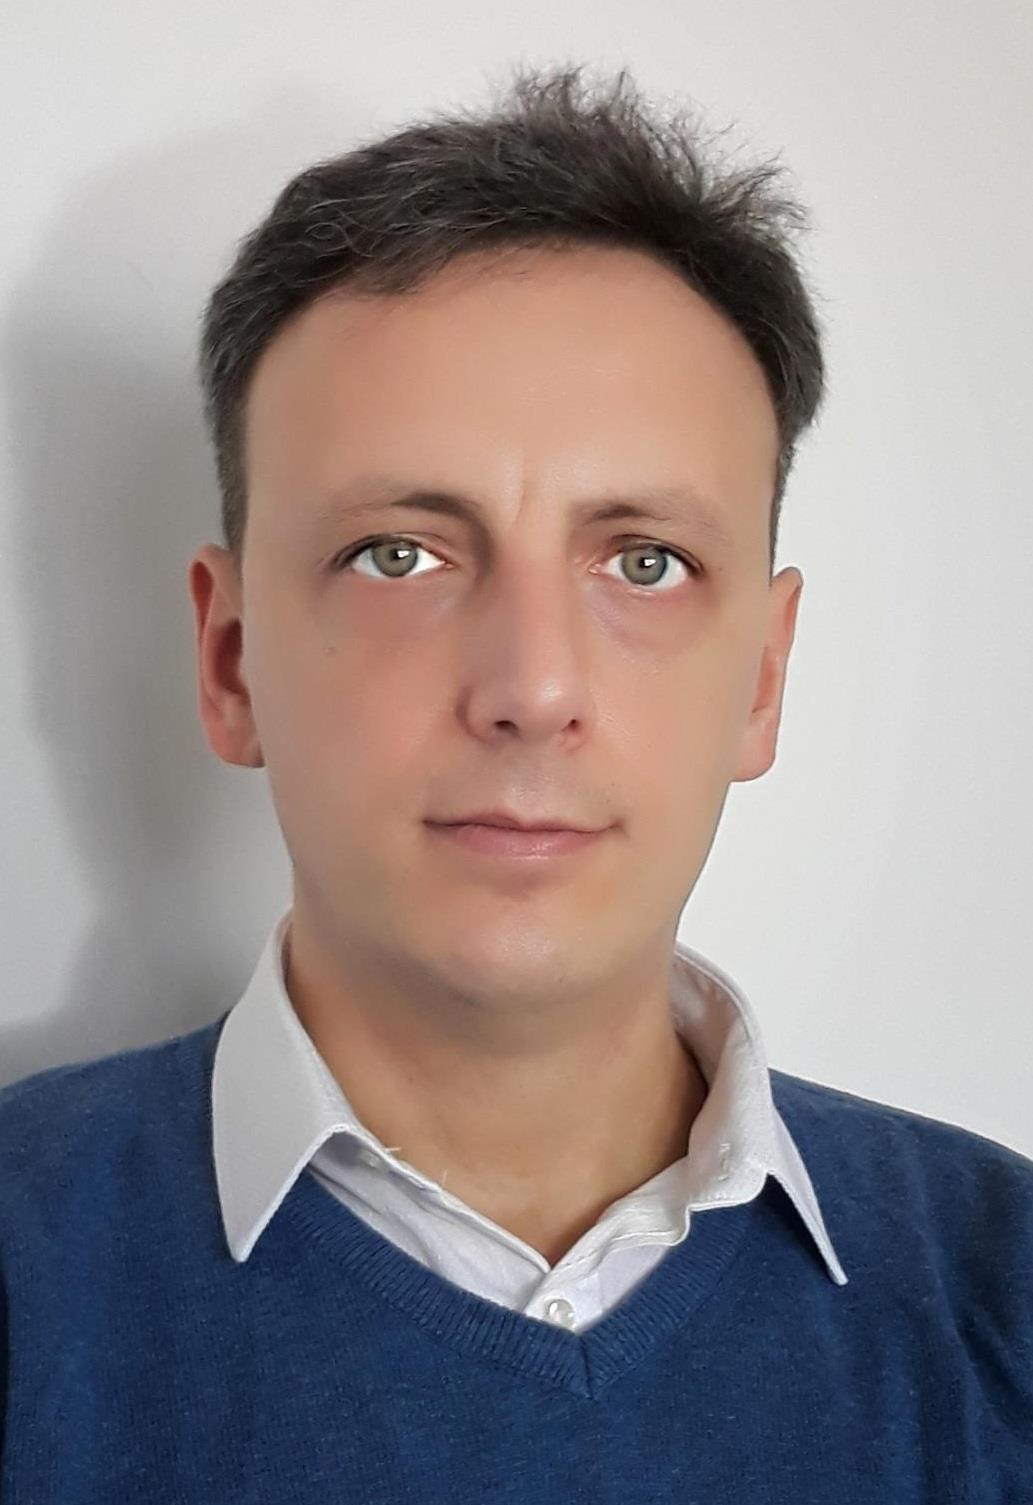 Dr. Mihai Zamfir